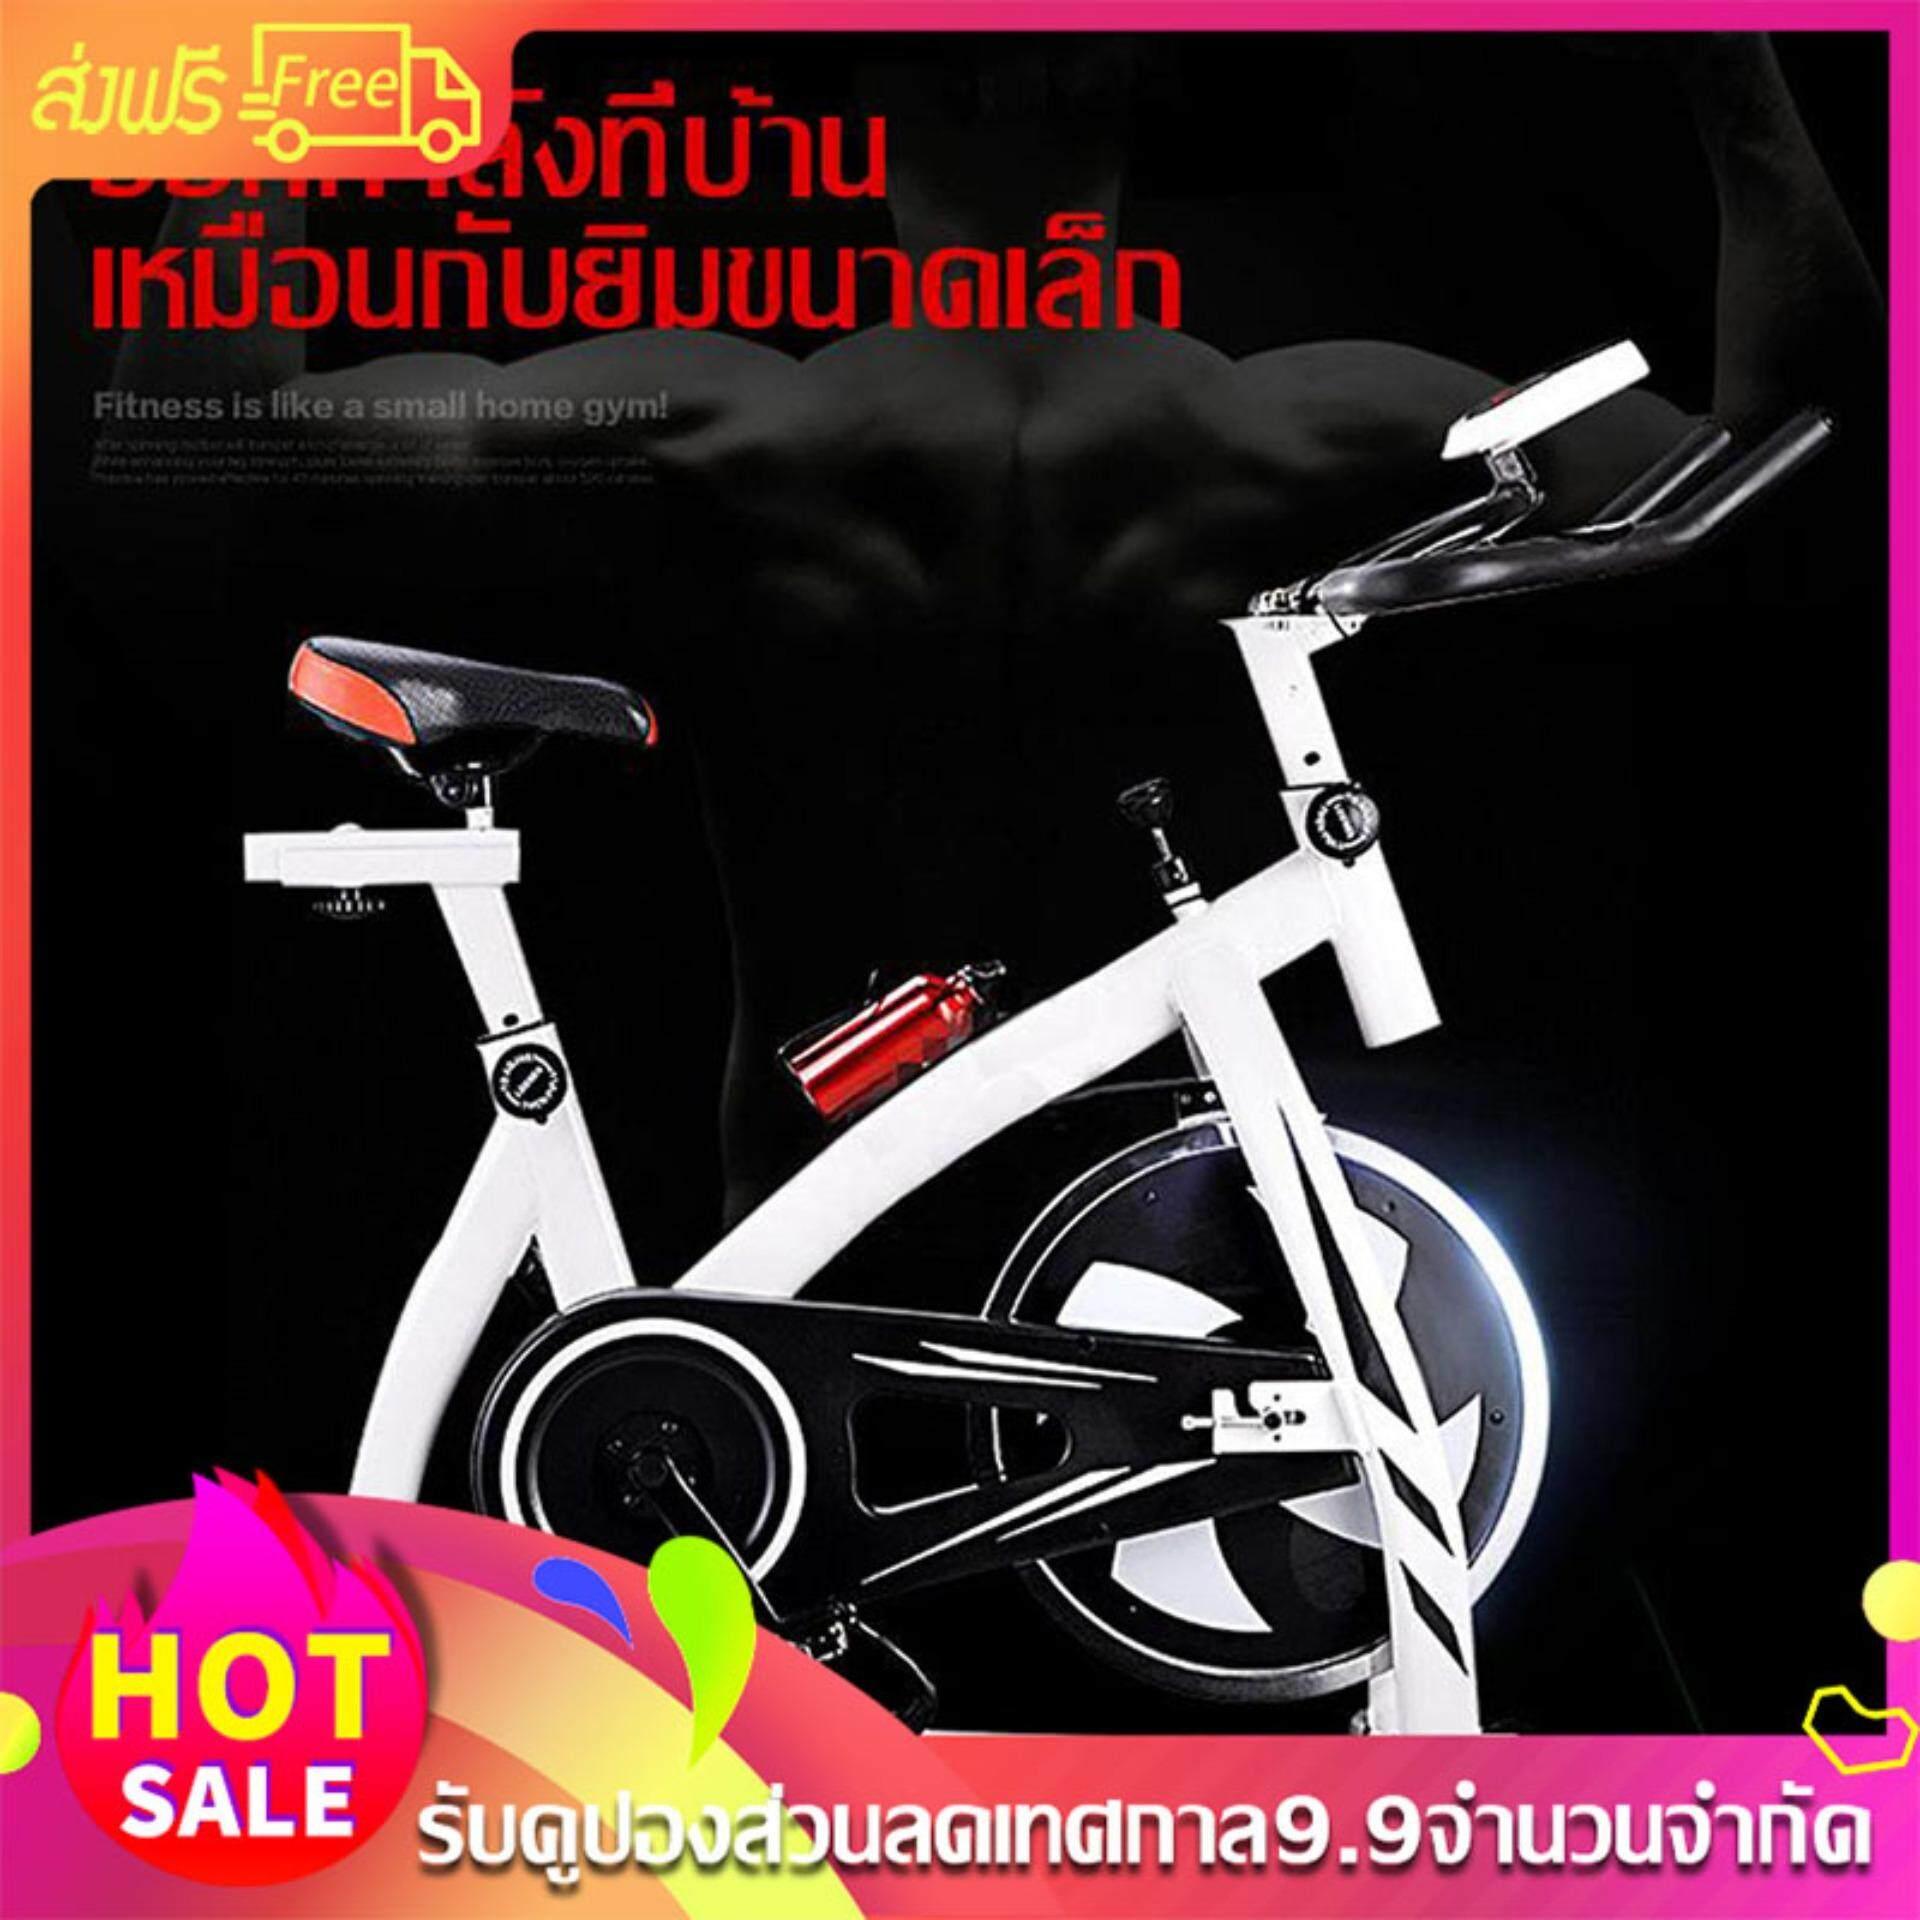 ซ่อม จักรยานออกกำลังกาย เครื่องปั่นจักรยาน เก็บเสียงเสียงเบา เครื่องออกกำลัง อุปกรณ์ออกกำลัง จักรยานไฟฟ้า เครื่องออกกำลังในบ้าน UYIGO